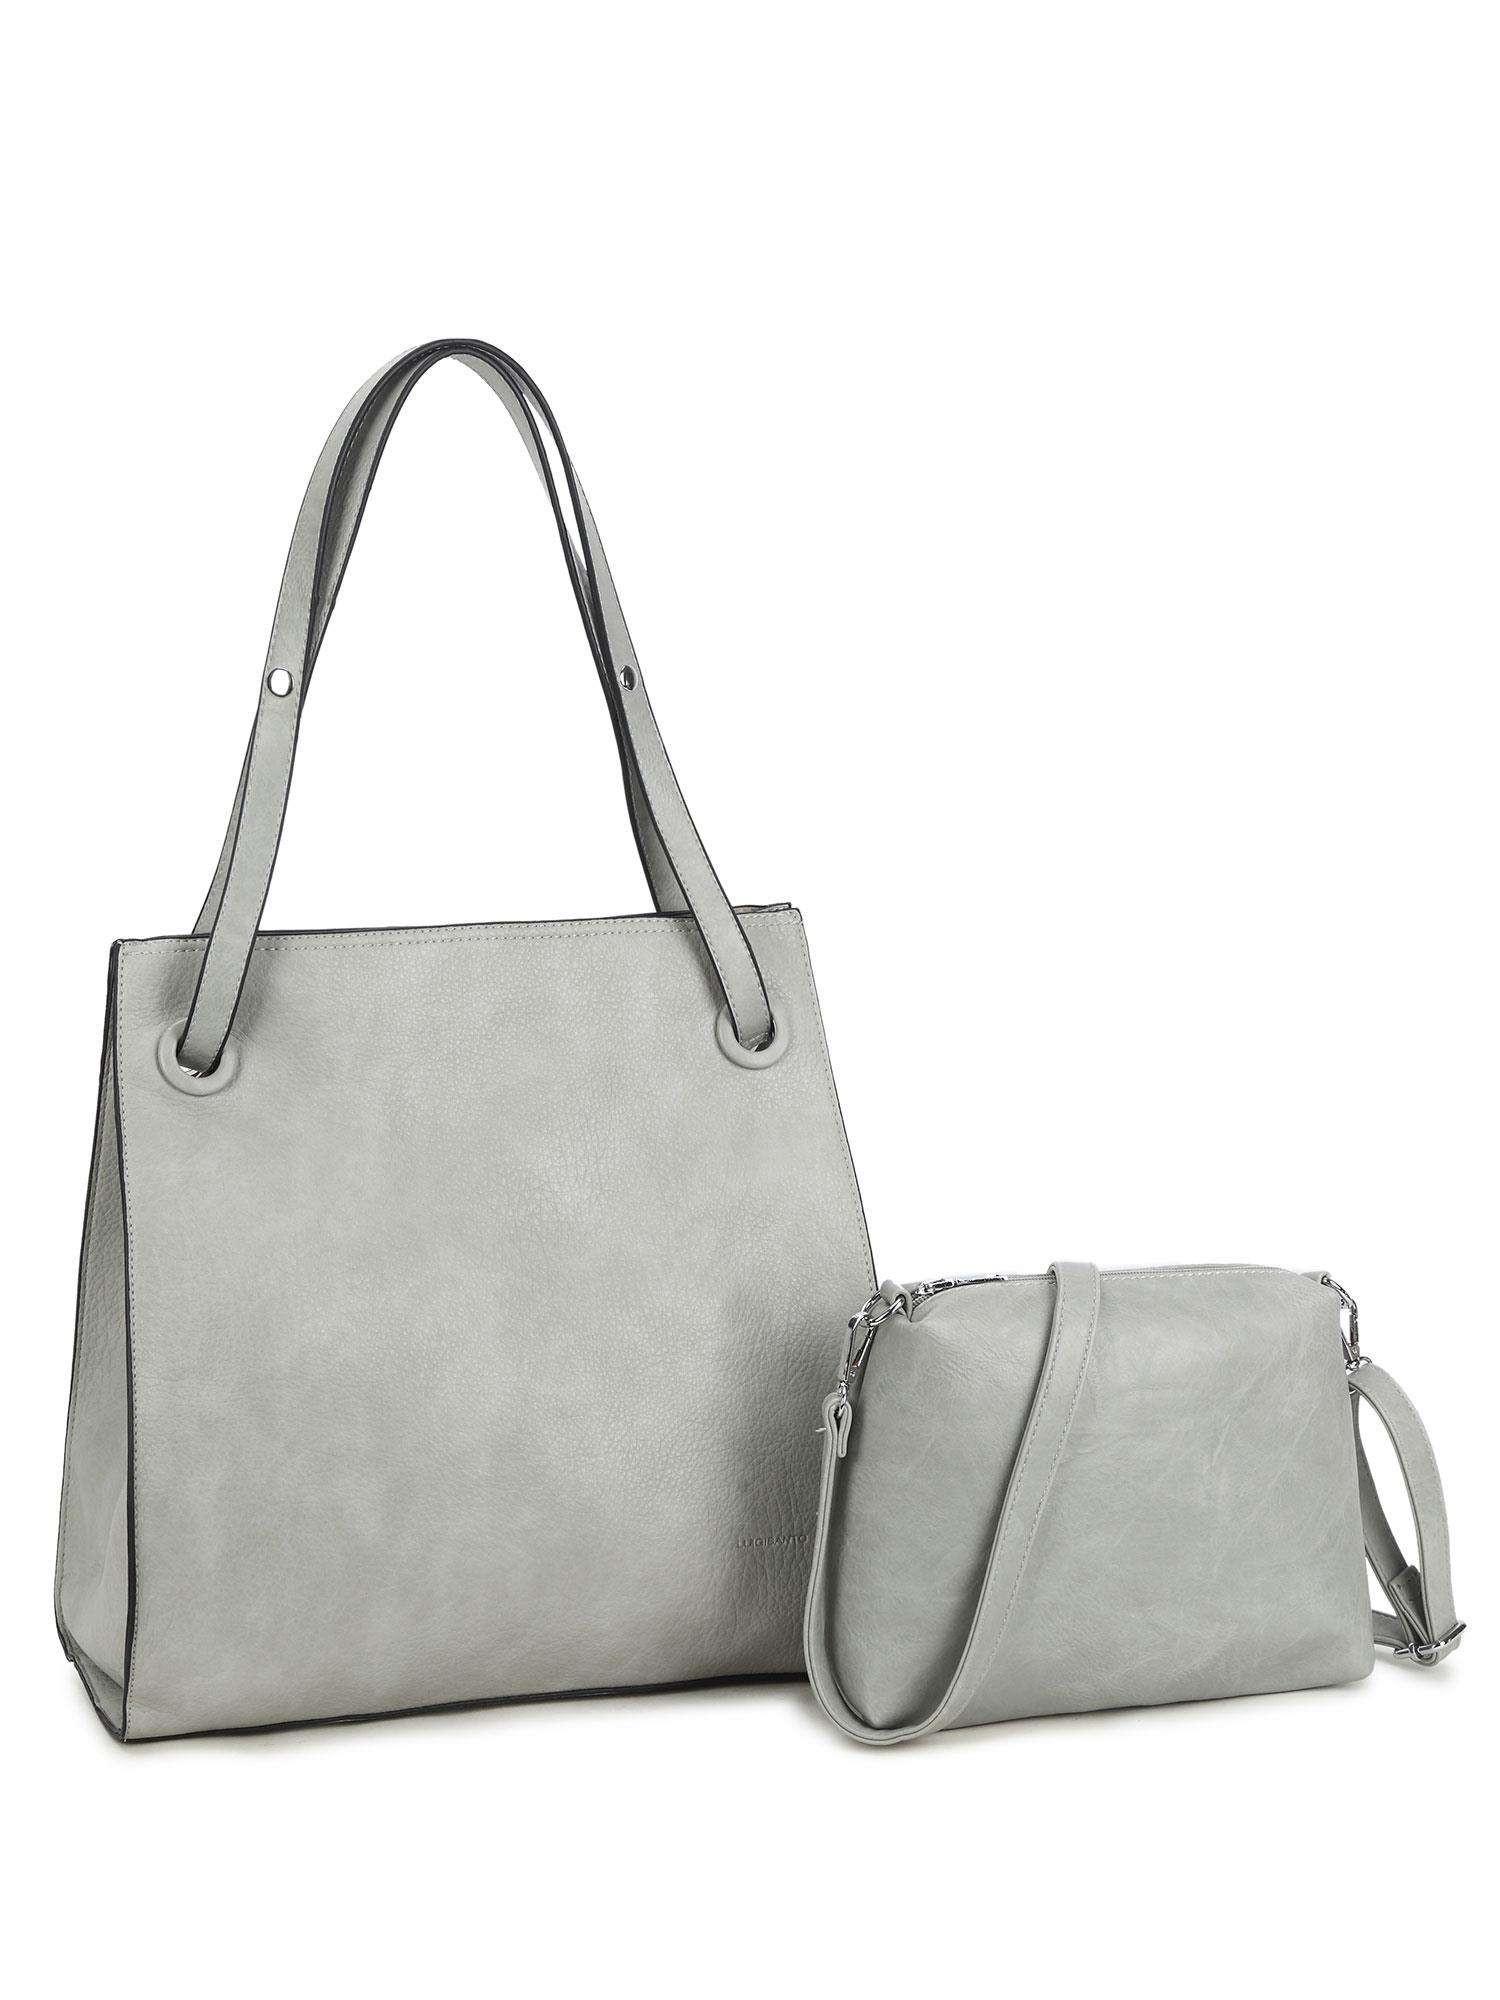 Šedá dámska taška z ekologickej kože LUIGISANTO ONE SIZE